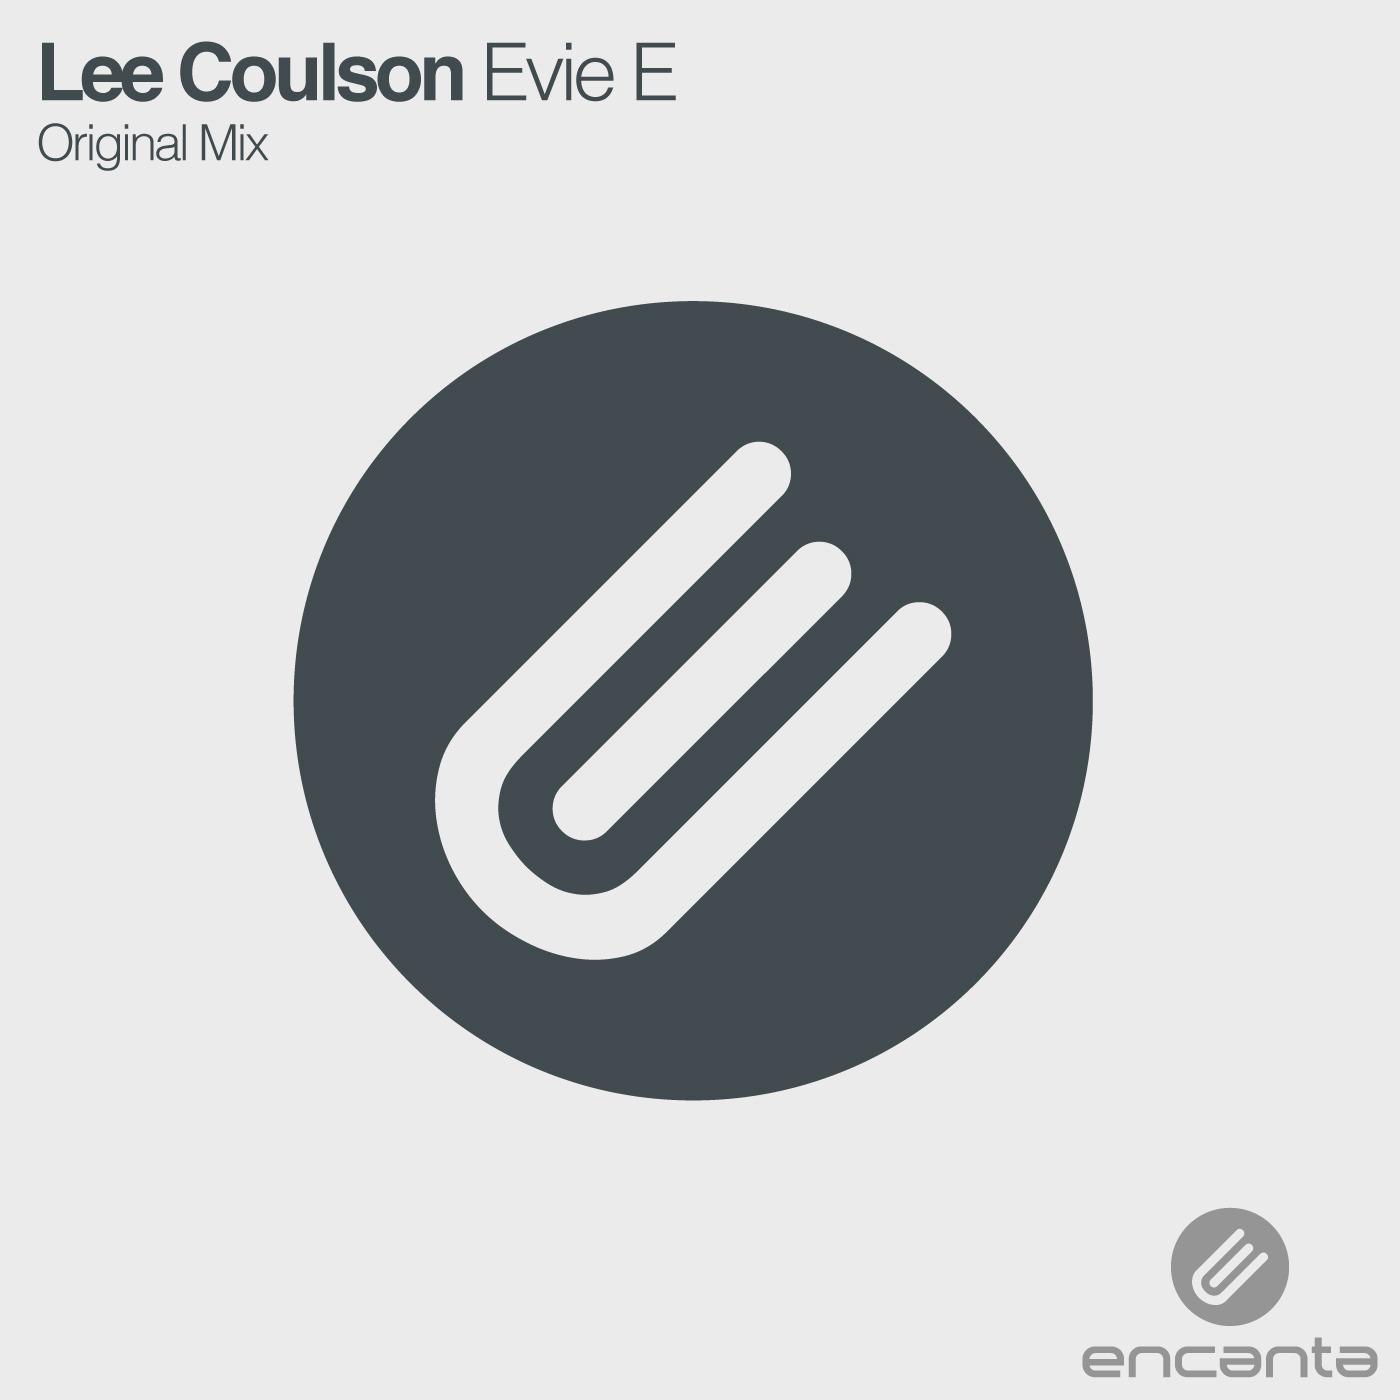 Lee Coulson - Evie E (Original Mix)